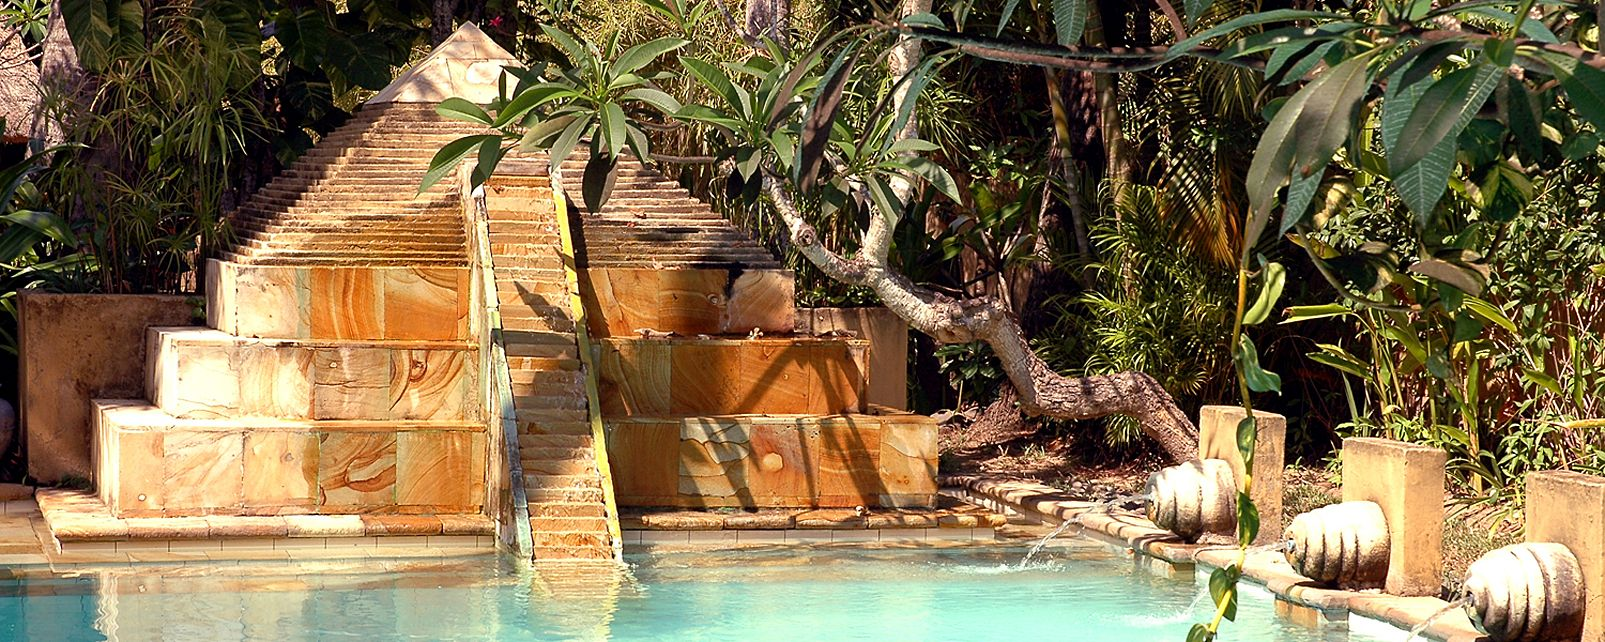 Hotel Waka Maya